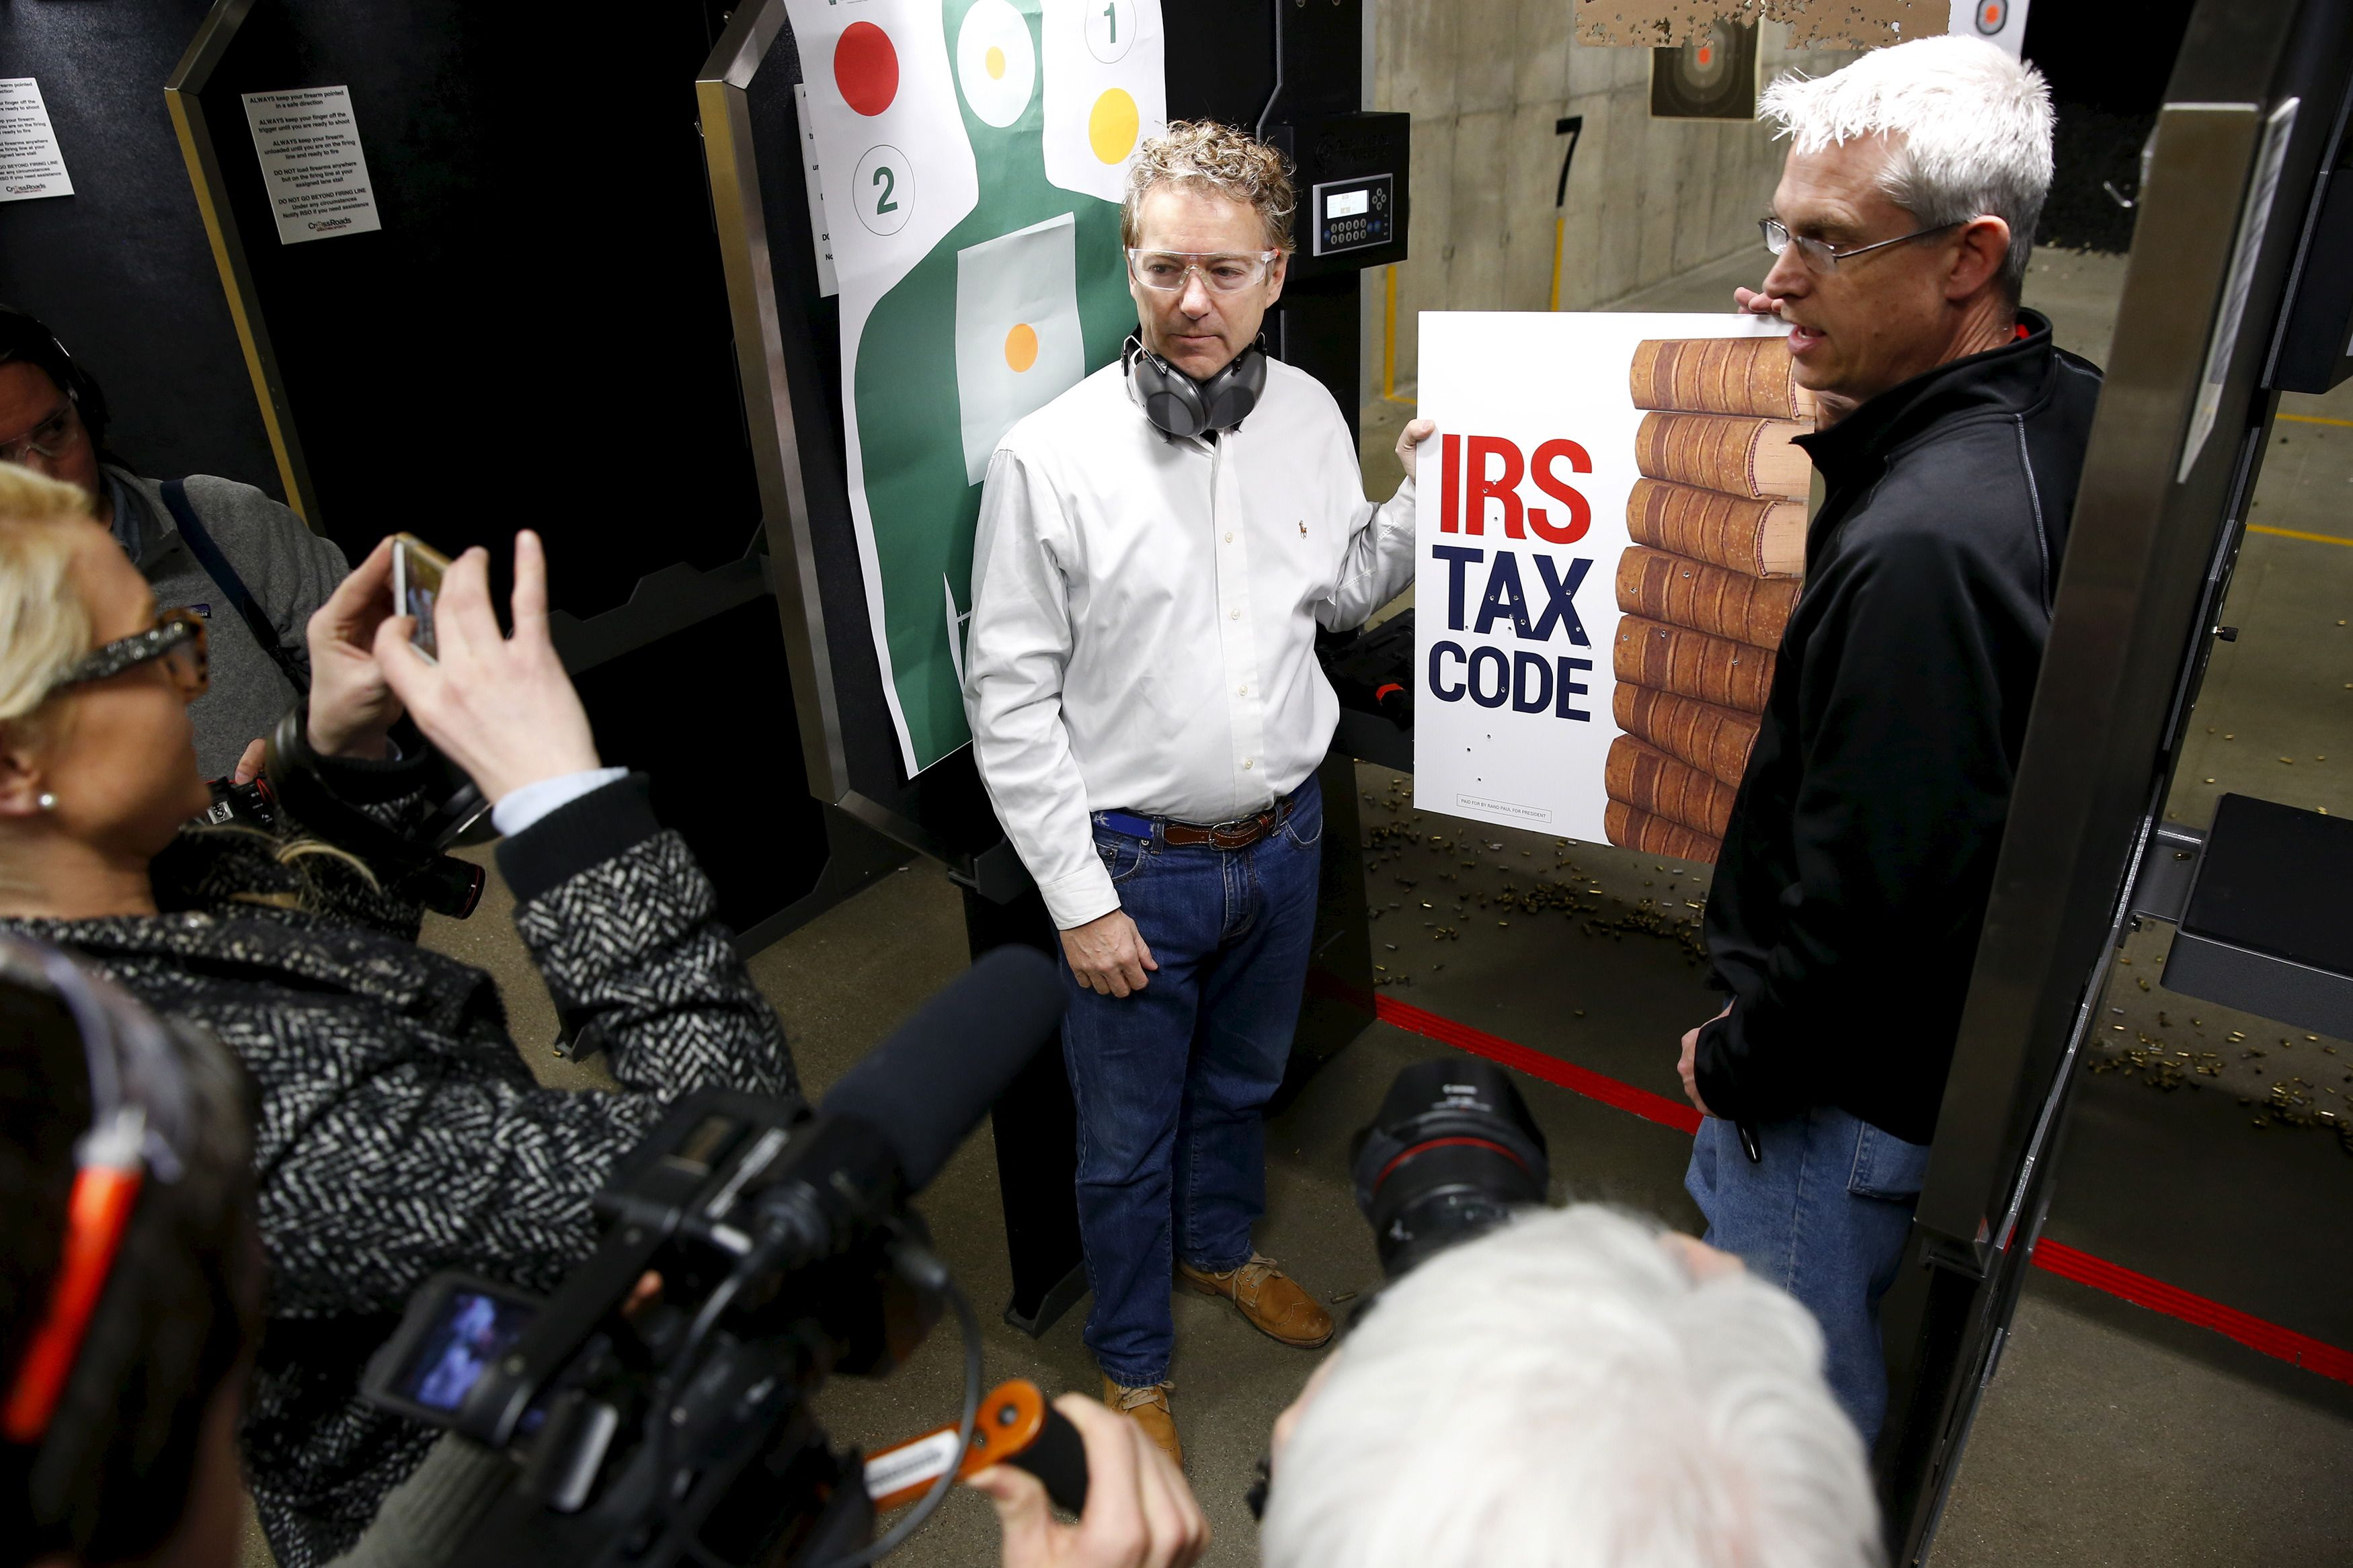 Après le caucus dans l'Iowa, le sénateur américain Rand Paul s'est retiré de la primaire républicaine. Ce désistement a paradoxalement mis en lumière son principal axe de campagne : l'augmentation alarmante de la dette des États-Unis.